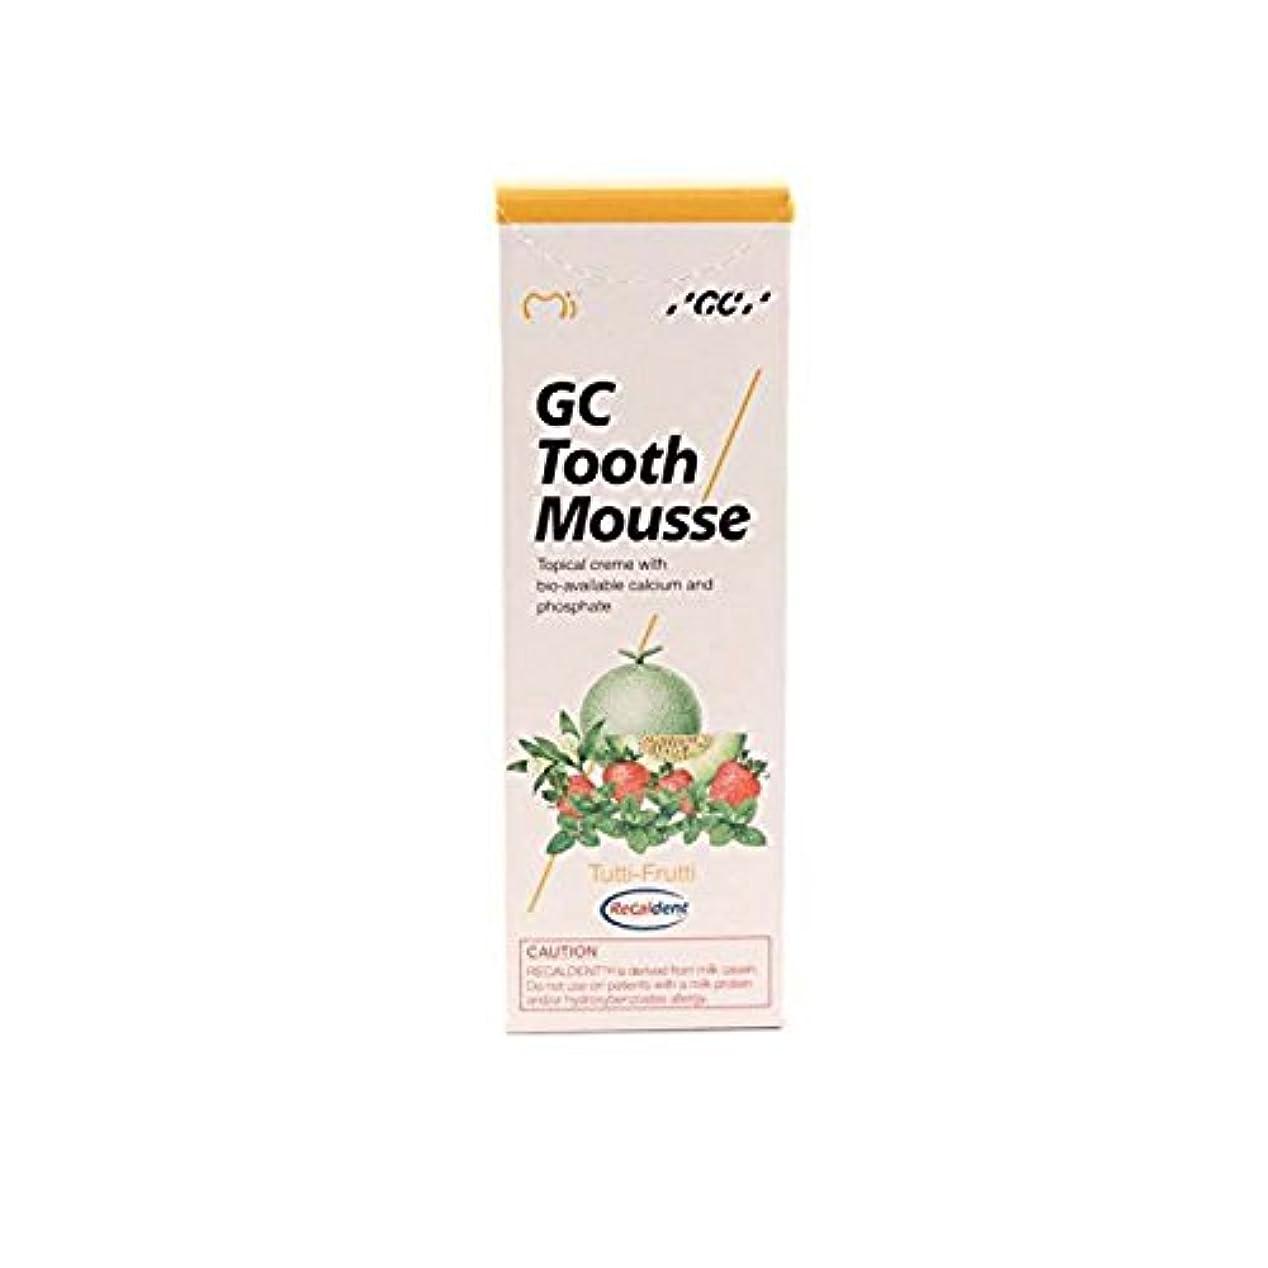 受取人雄弁家バンGc の歯のムース練り歯磨き粉の盛り合わせの味40g (タフティフルーティー (Tutty Frutty))